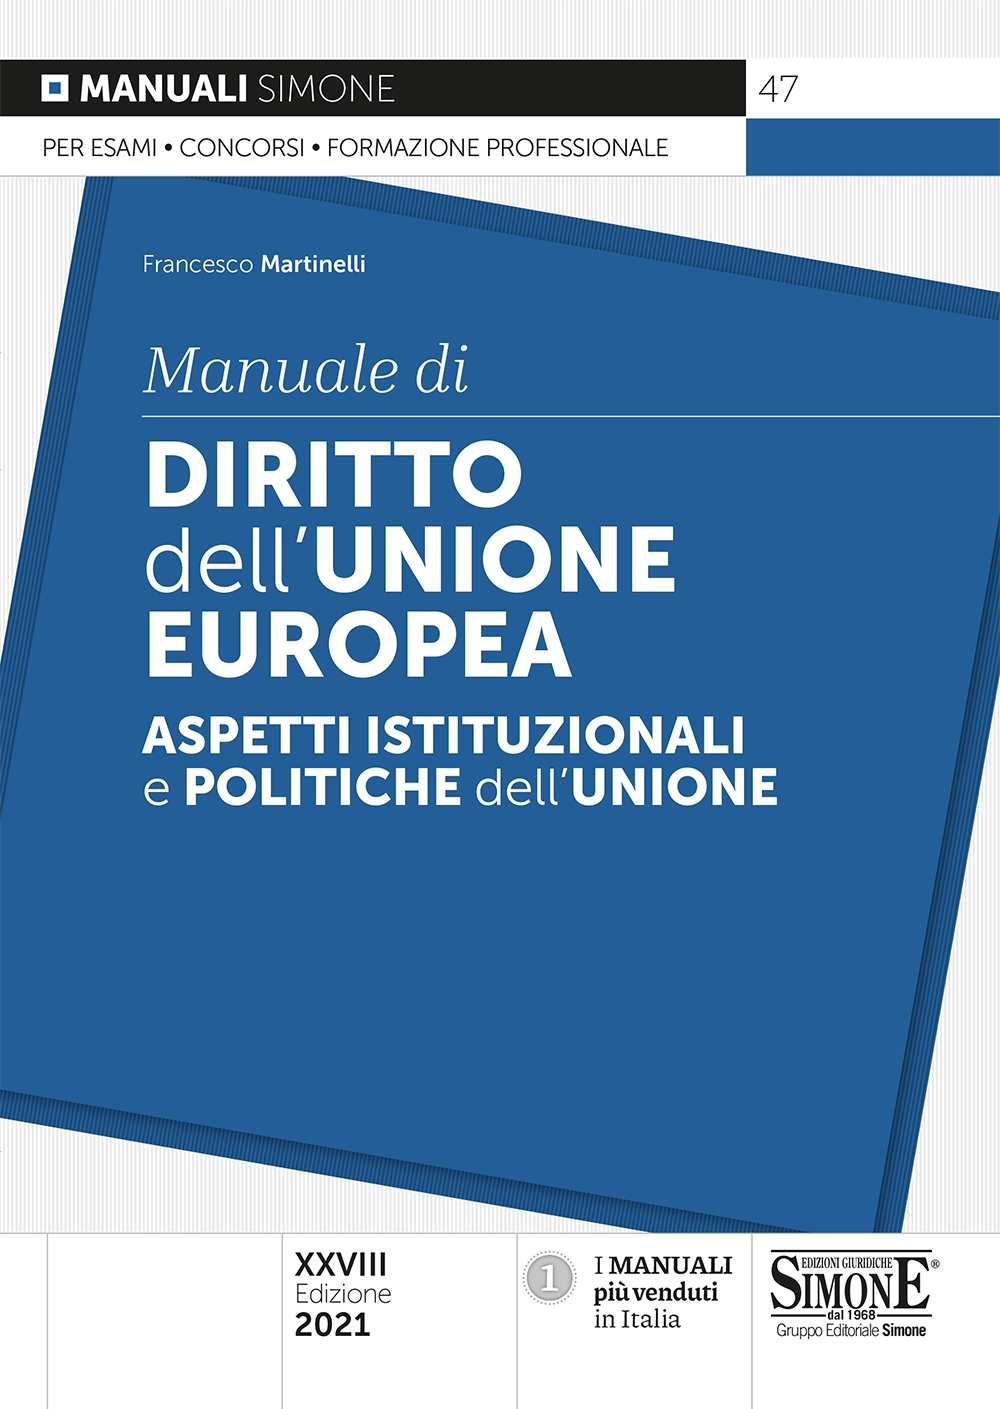 Manuale di Diritto dell'Unione europea 2021